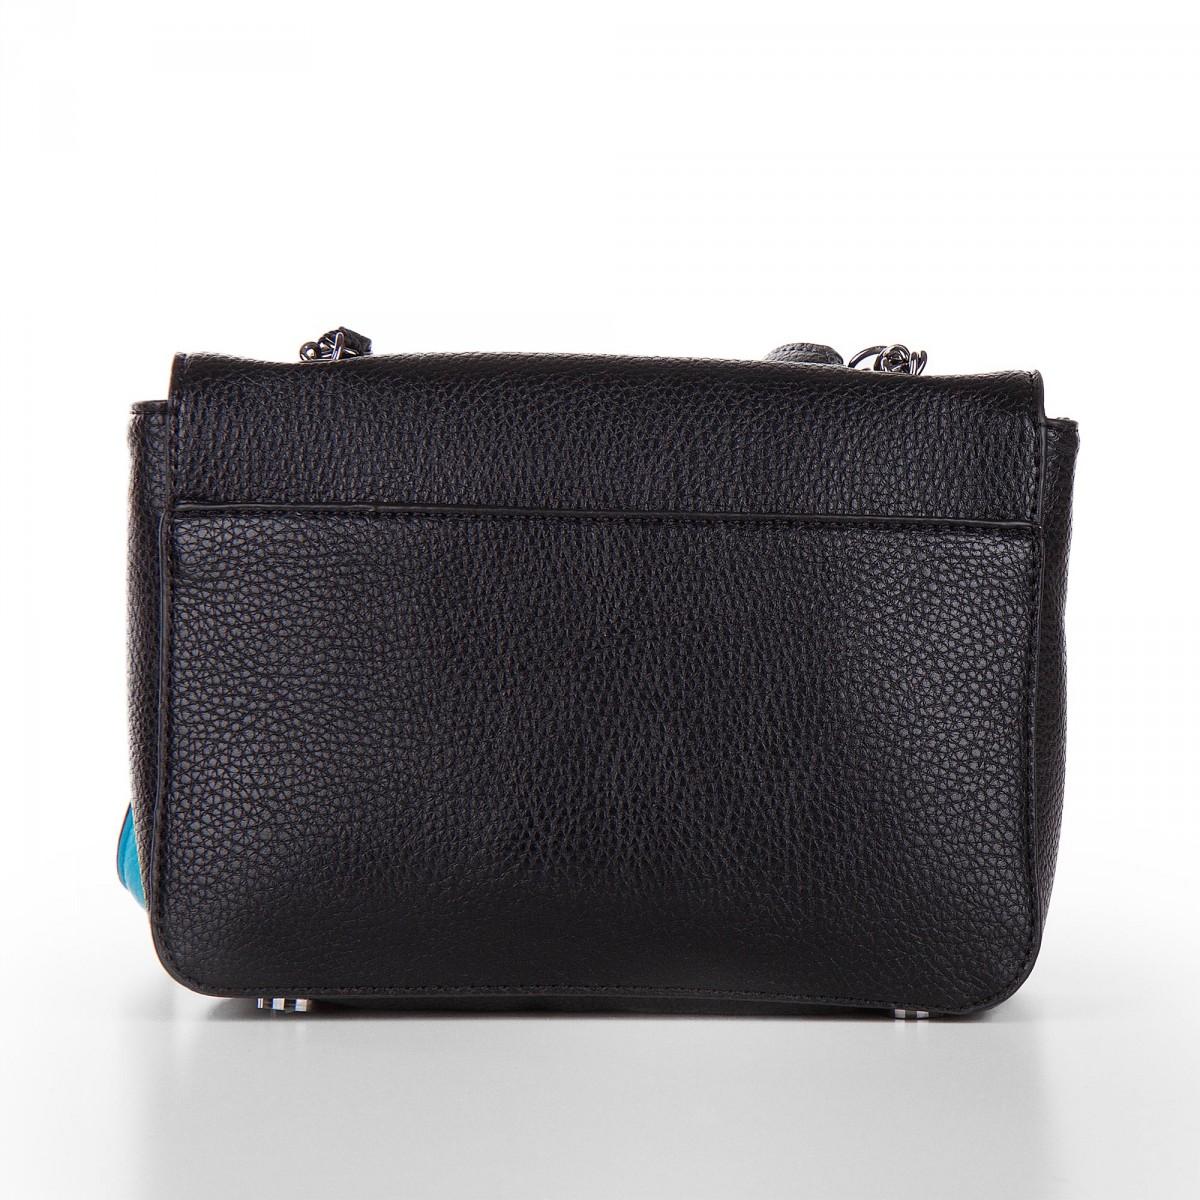 51a9c75642 petit-sac-simili-cuir-noir-et-bleu-bandouliere-femme-christian-lacroix.jpg